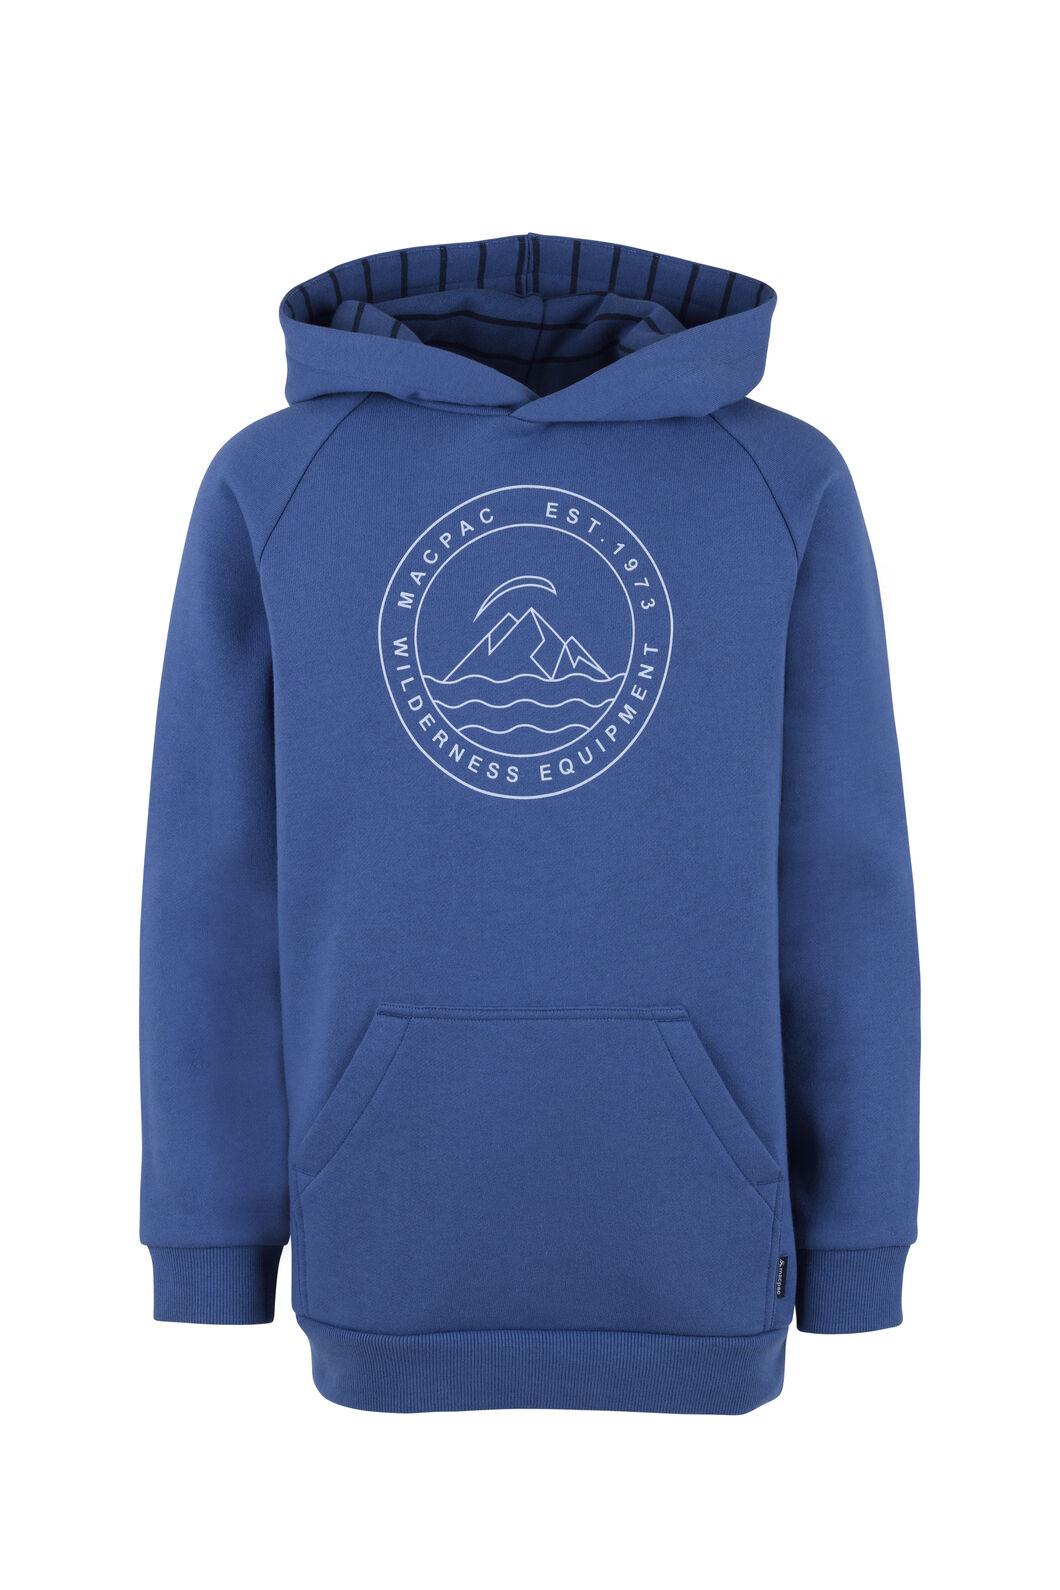 Macpac Organic Pullover Hoody - Kids', True Navy, hi-res